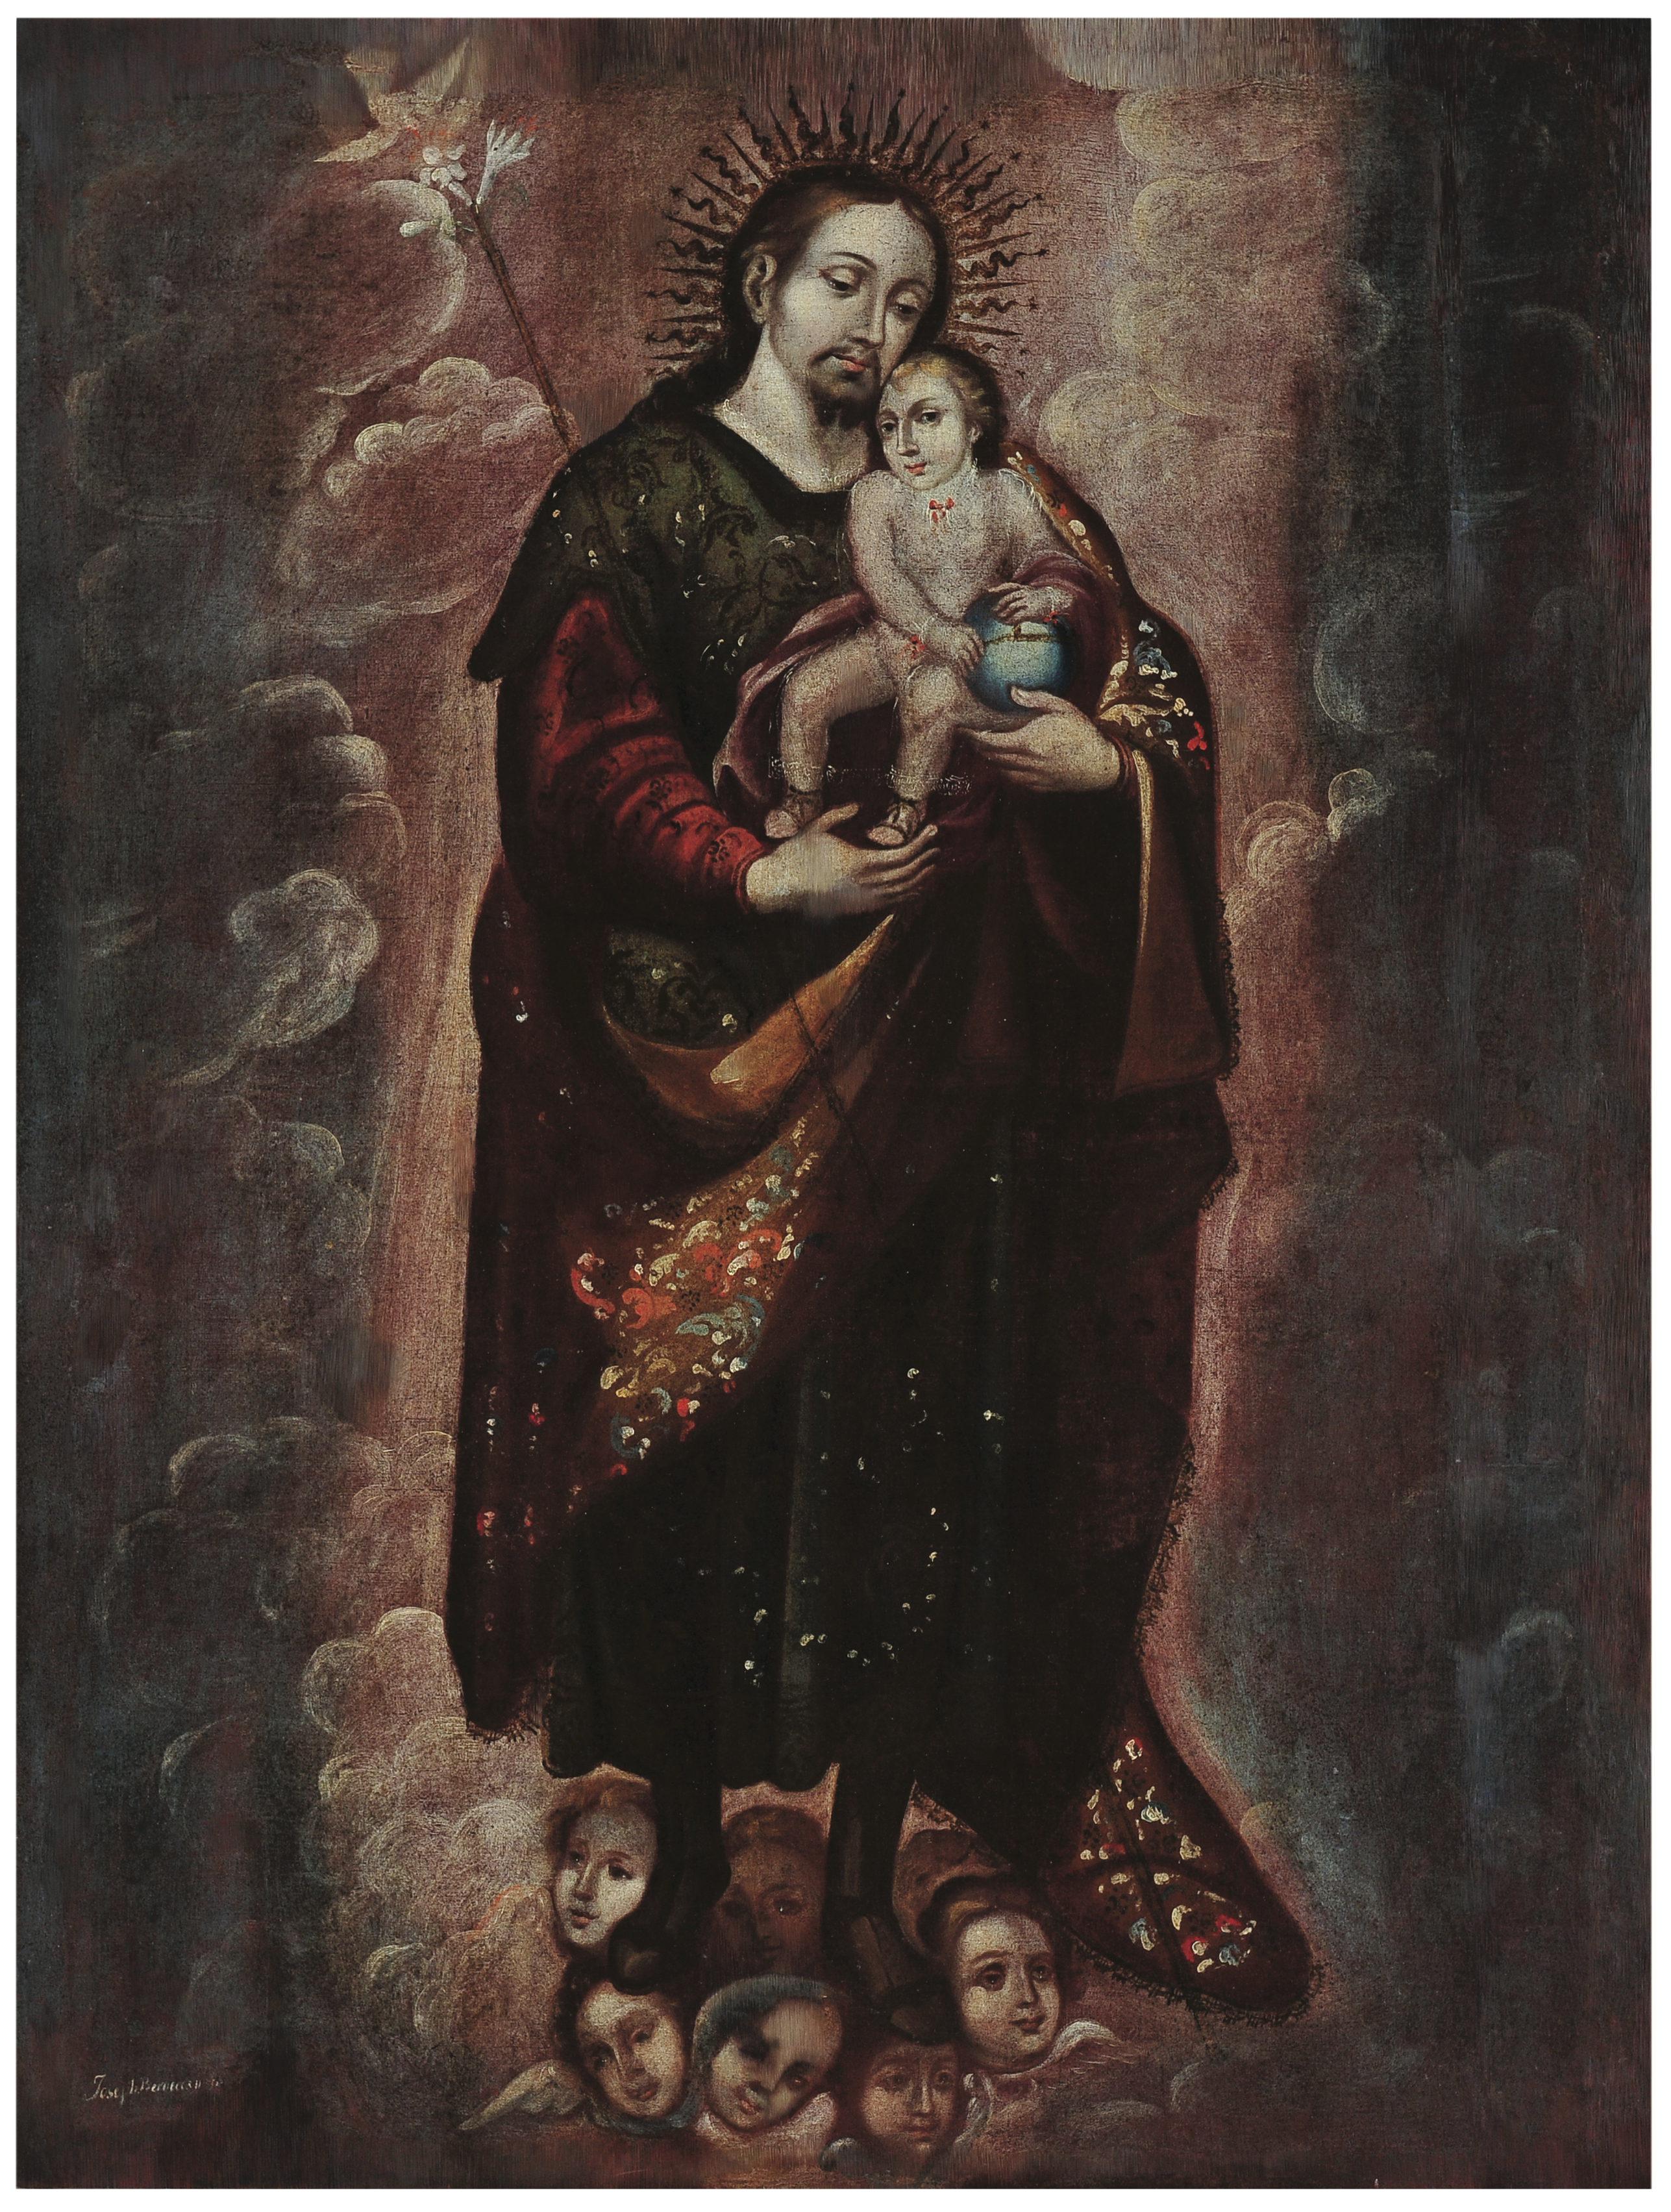 San José con el Niño | Creación y restauración: lo singular y complejo del arte | Museo Amparo, Puebla